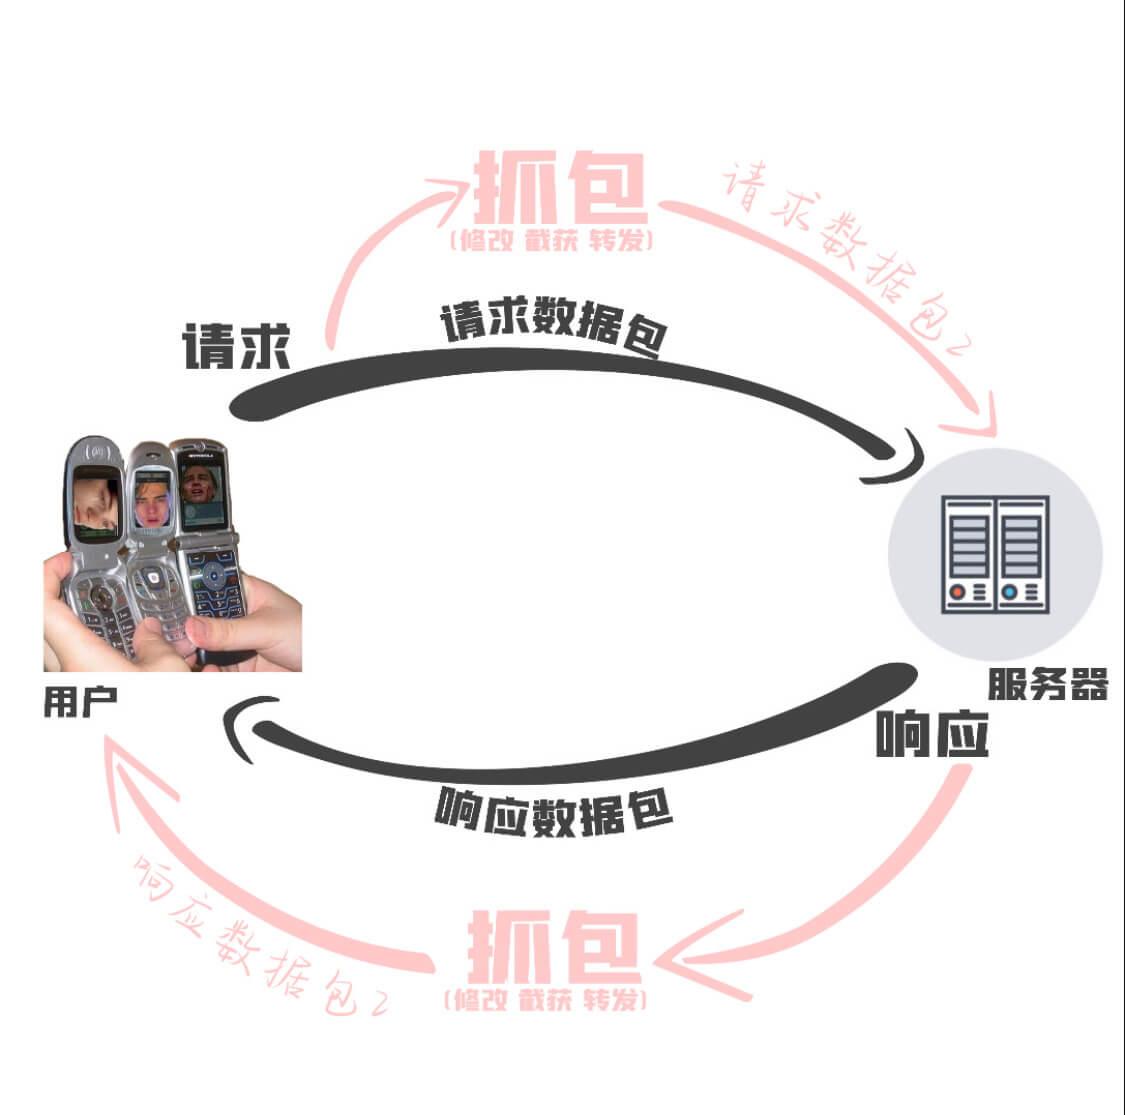 什么是抓包?-网球网络抓包调试教程-HttpCatcher教程